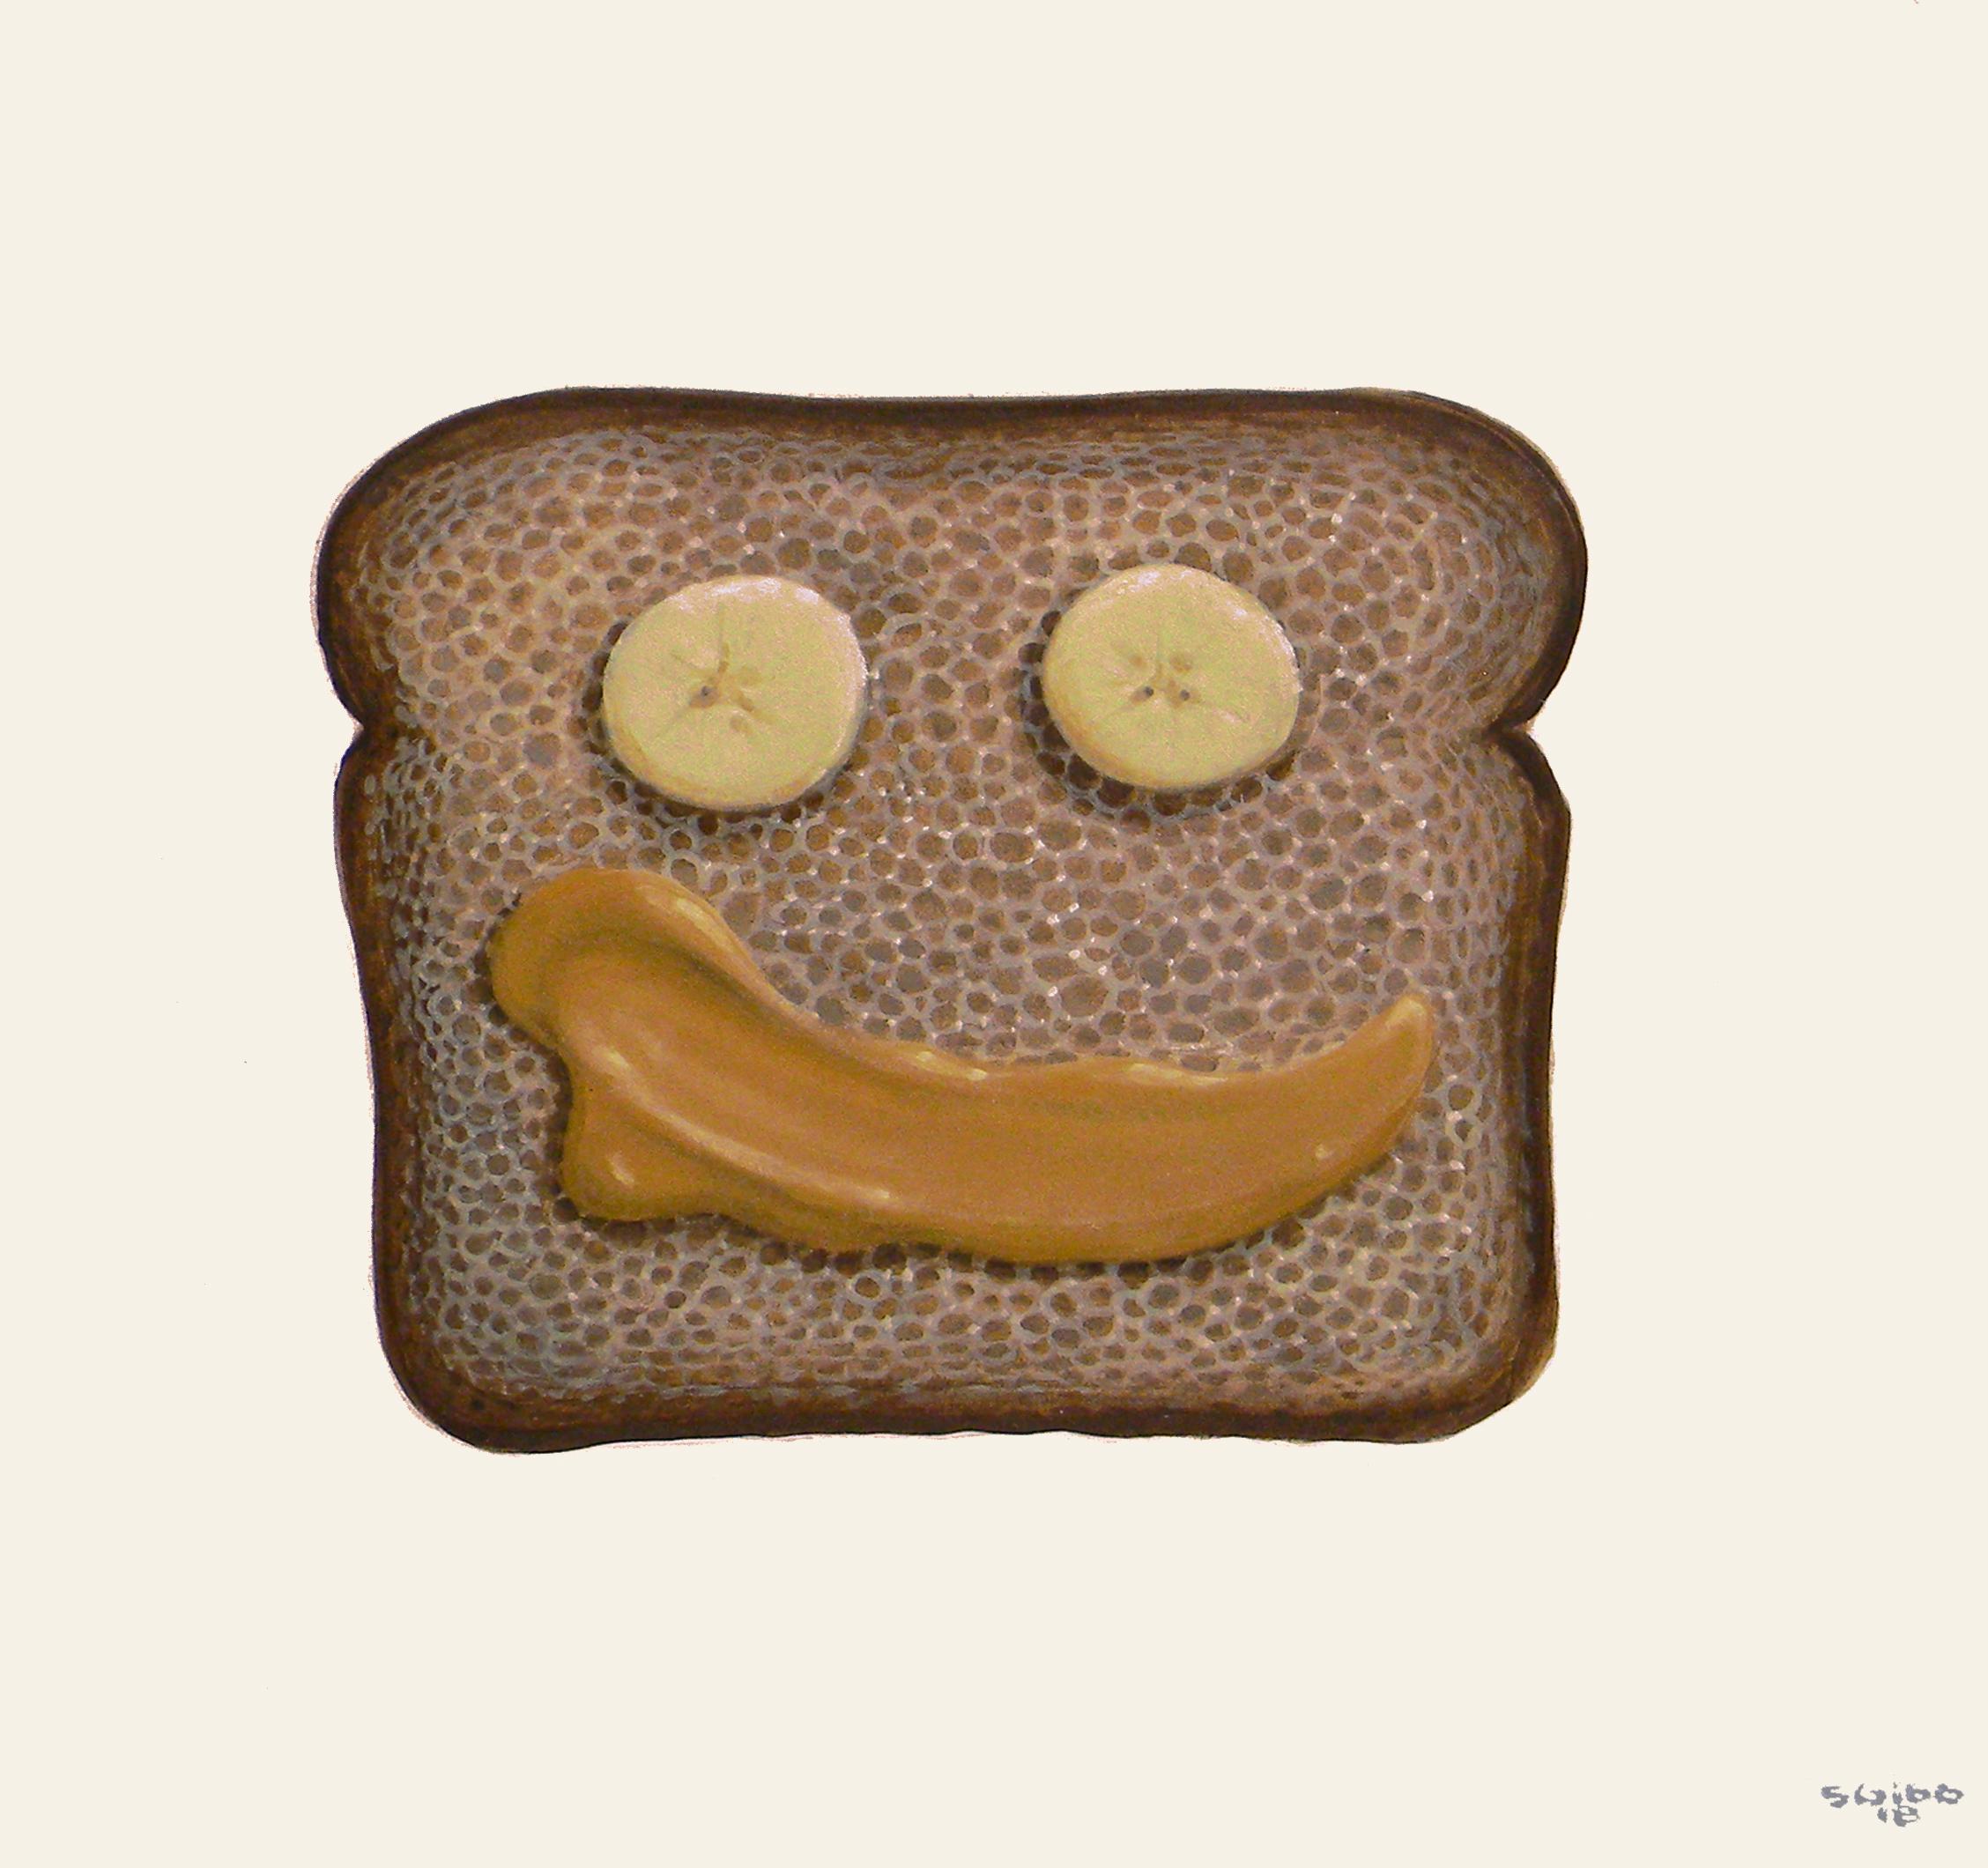 Bread #13